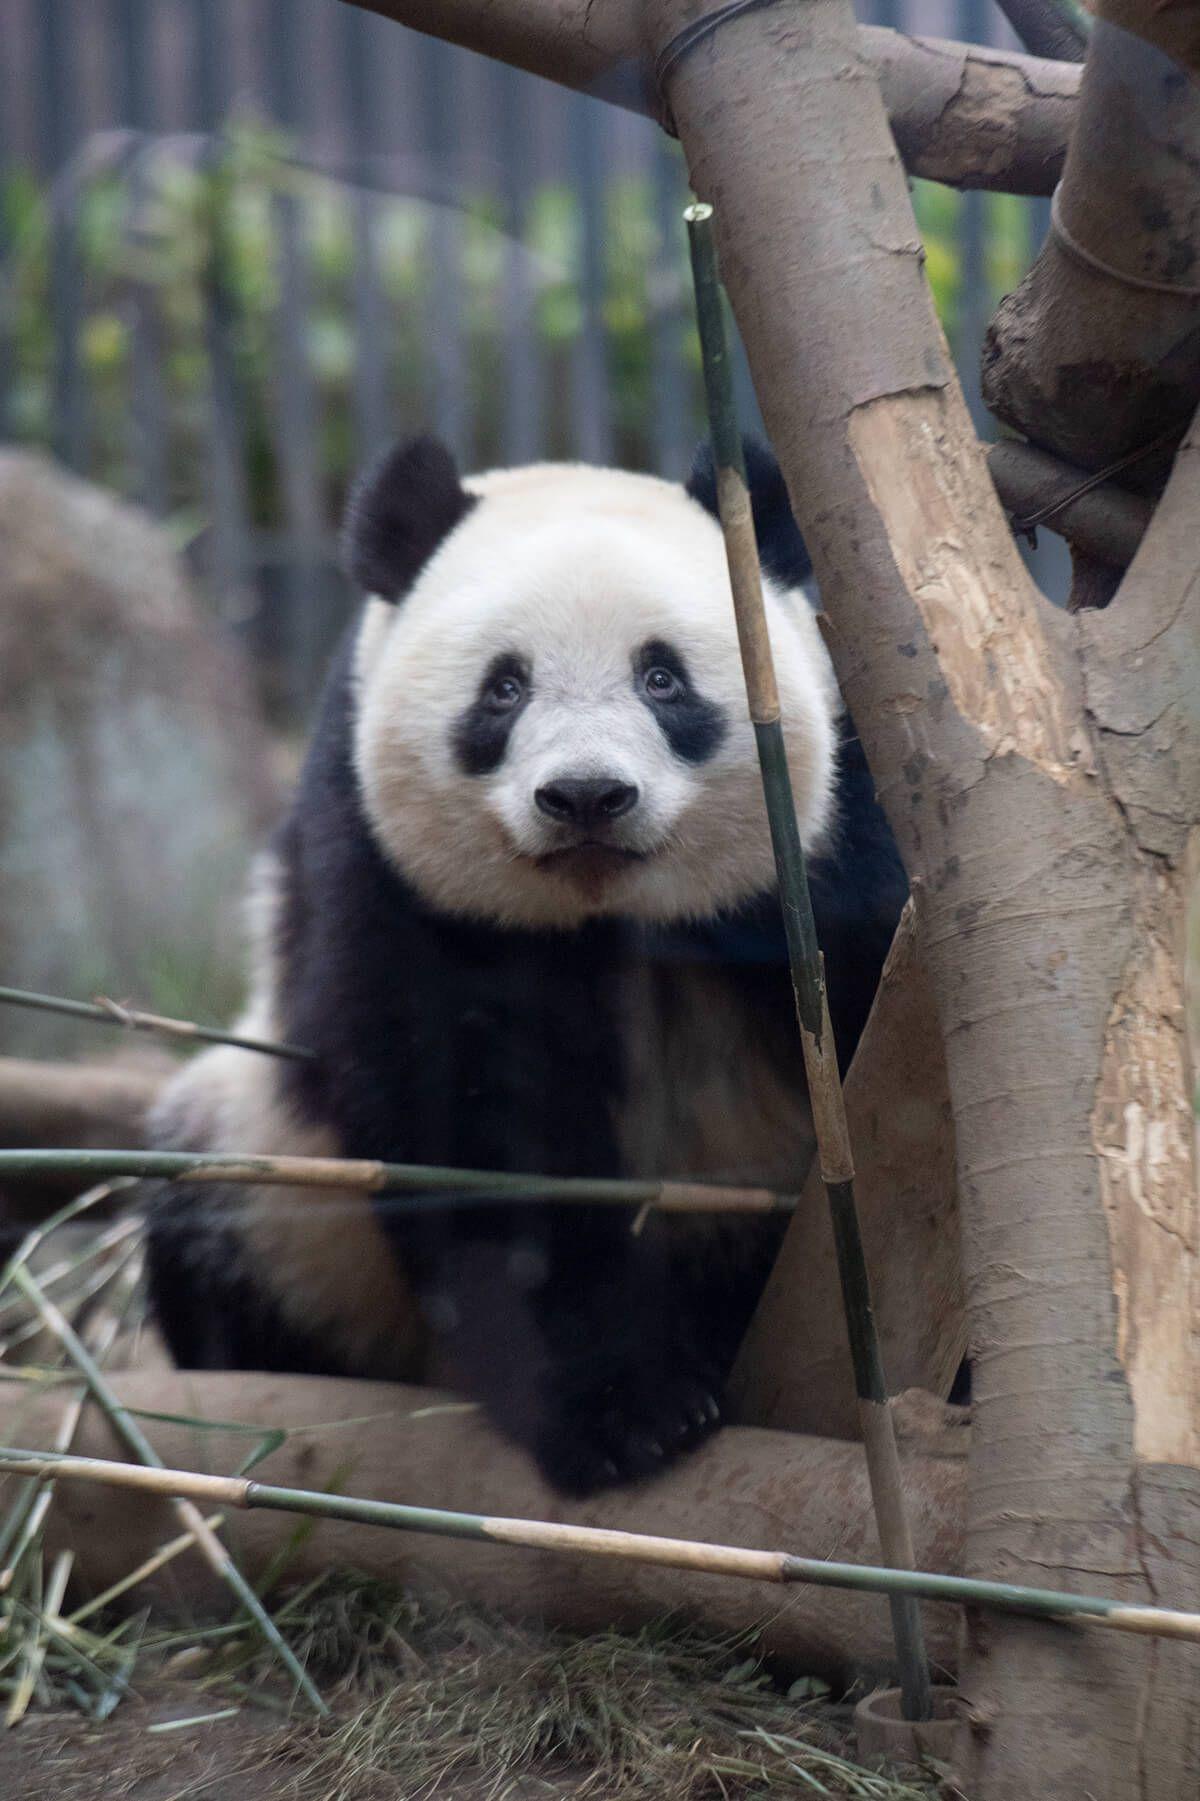 今日のパンダ 2417日目 毎日パンダ パンダ 上野動物園 パンダ パンダ かわいい